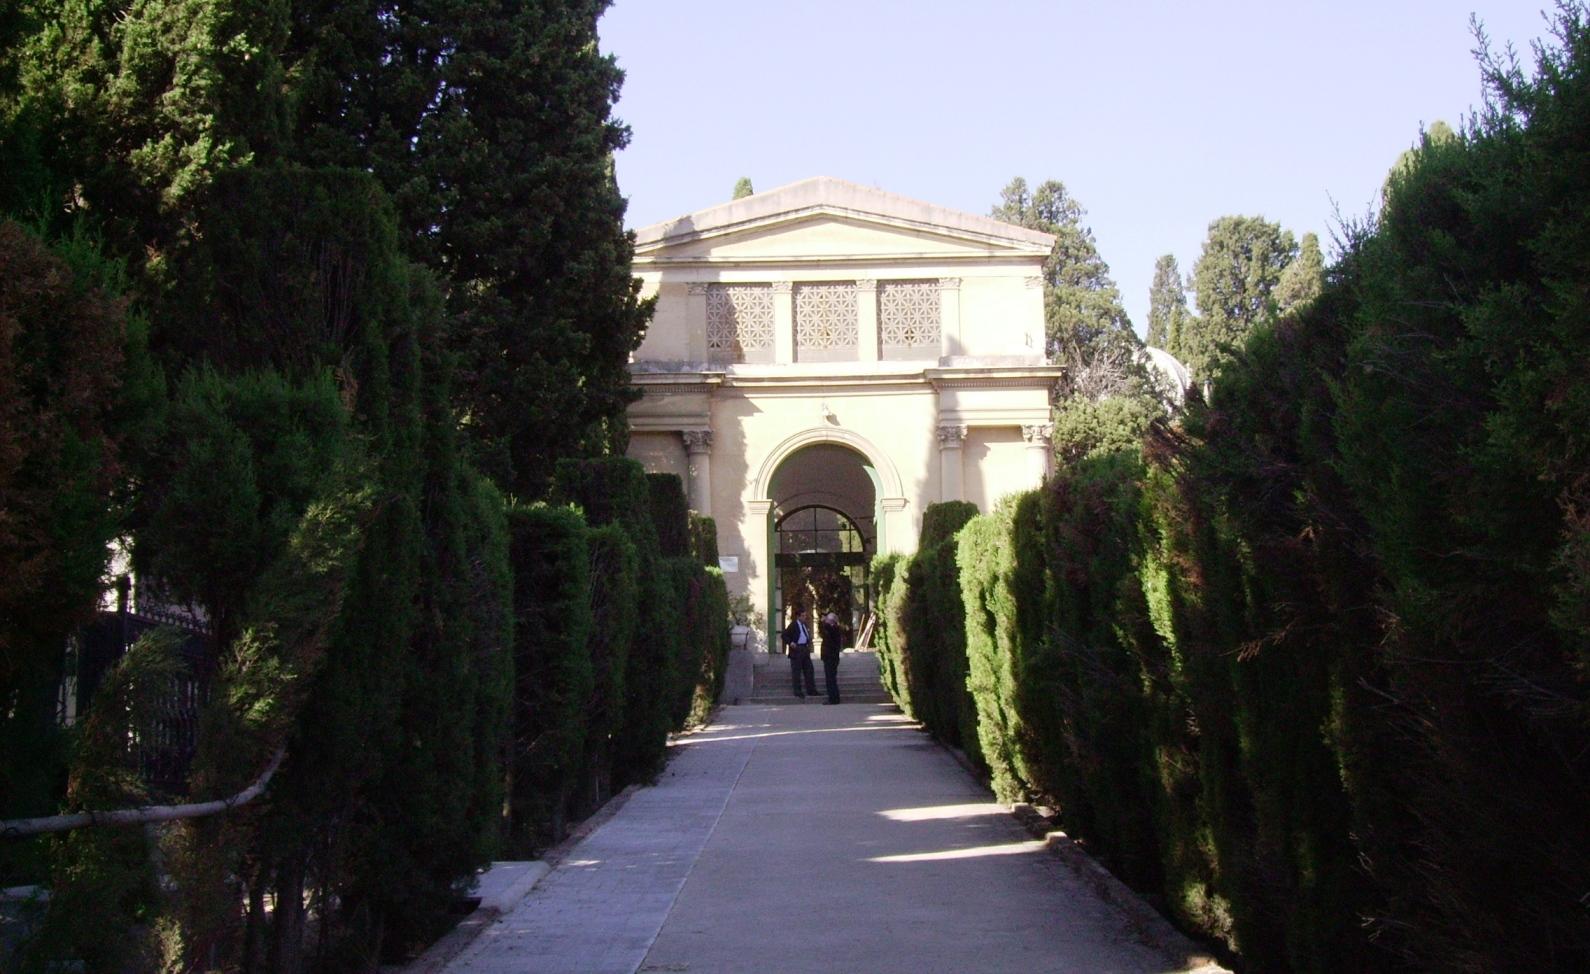 Paseo de acceso al patio de la Concepción, y detalle del pabellón de acceso desde la terraza inferior de los patios primitivos